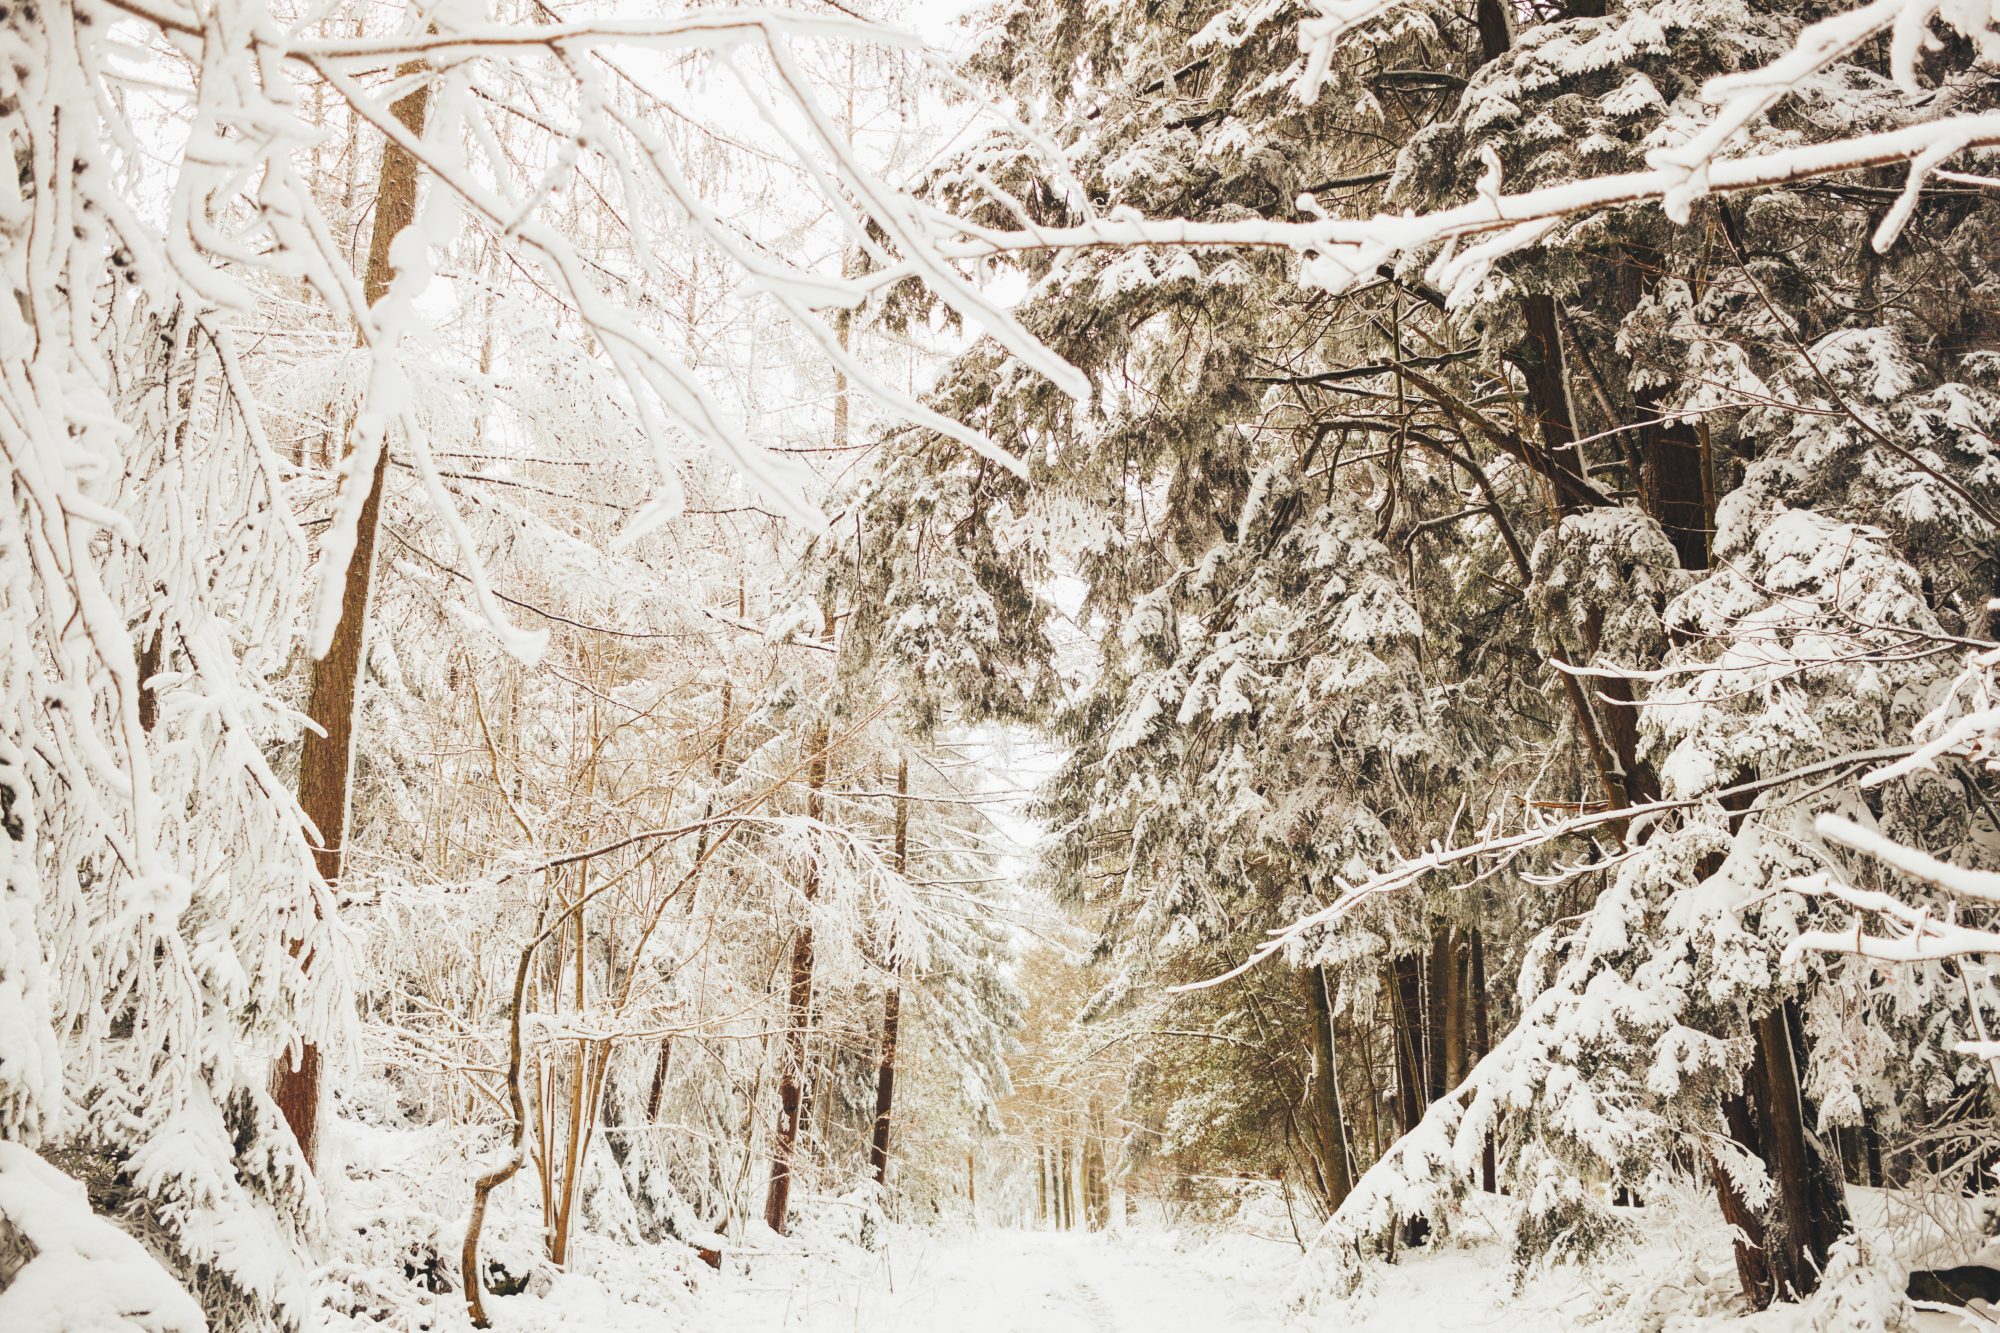 Snow in Spa